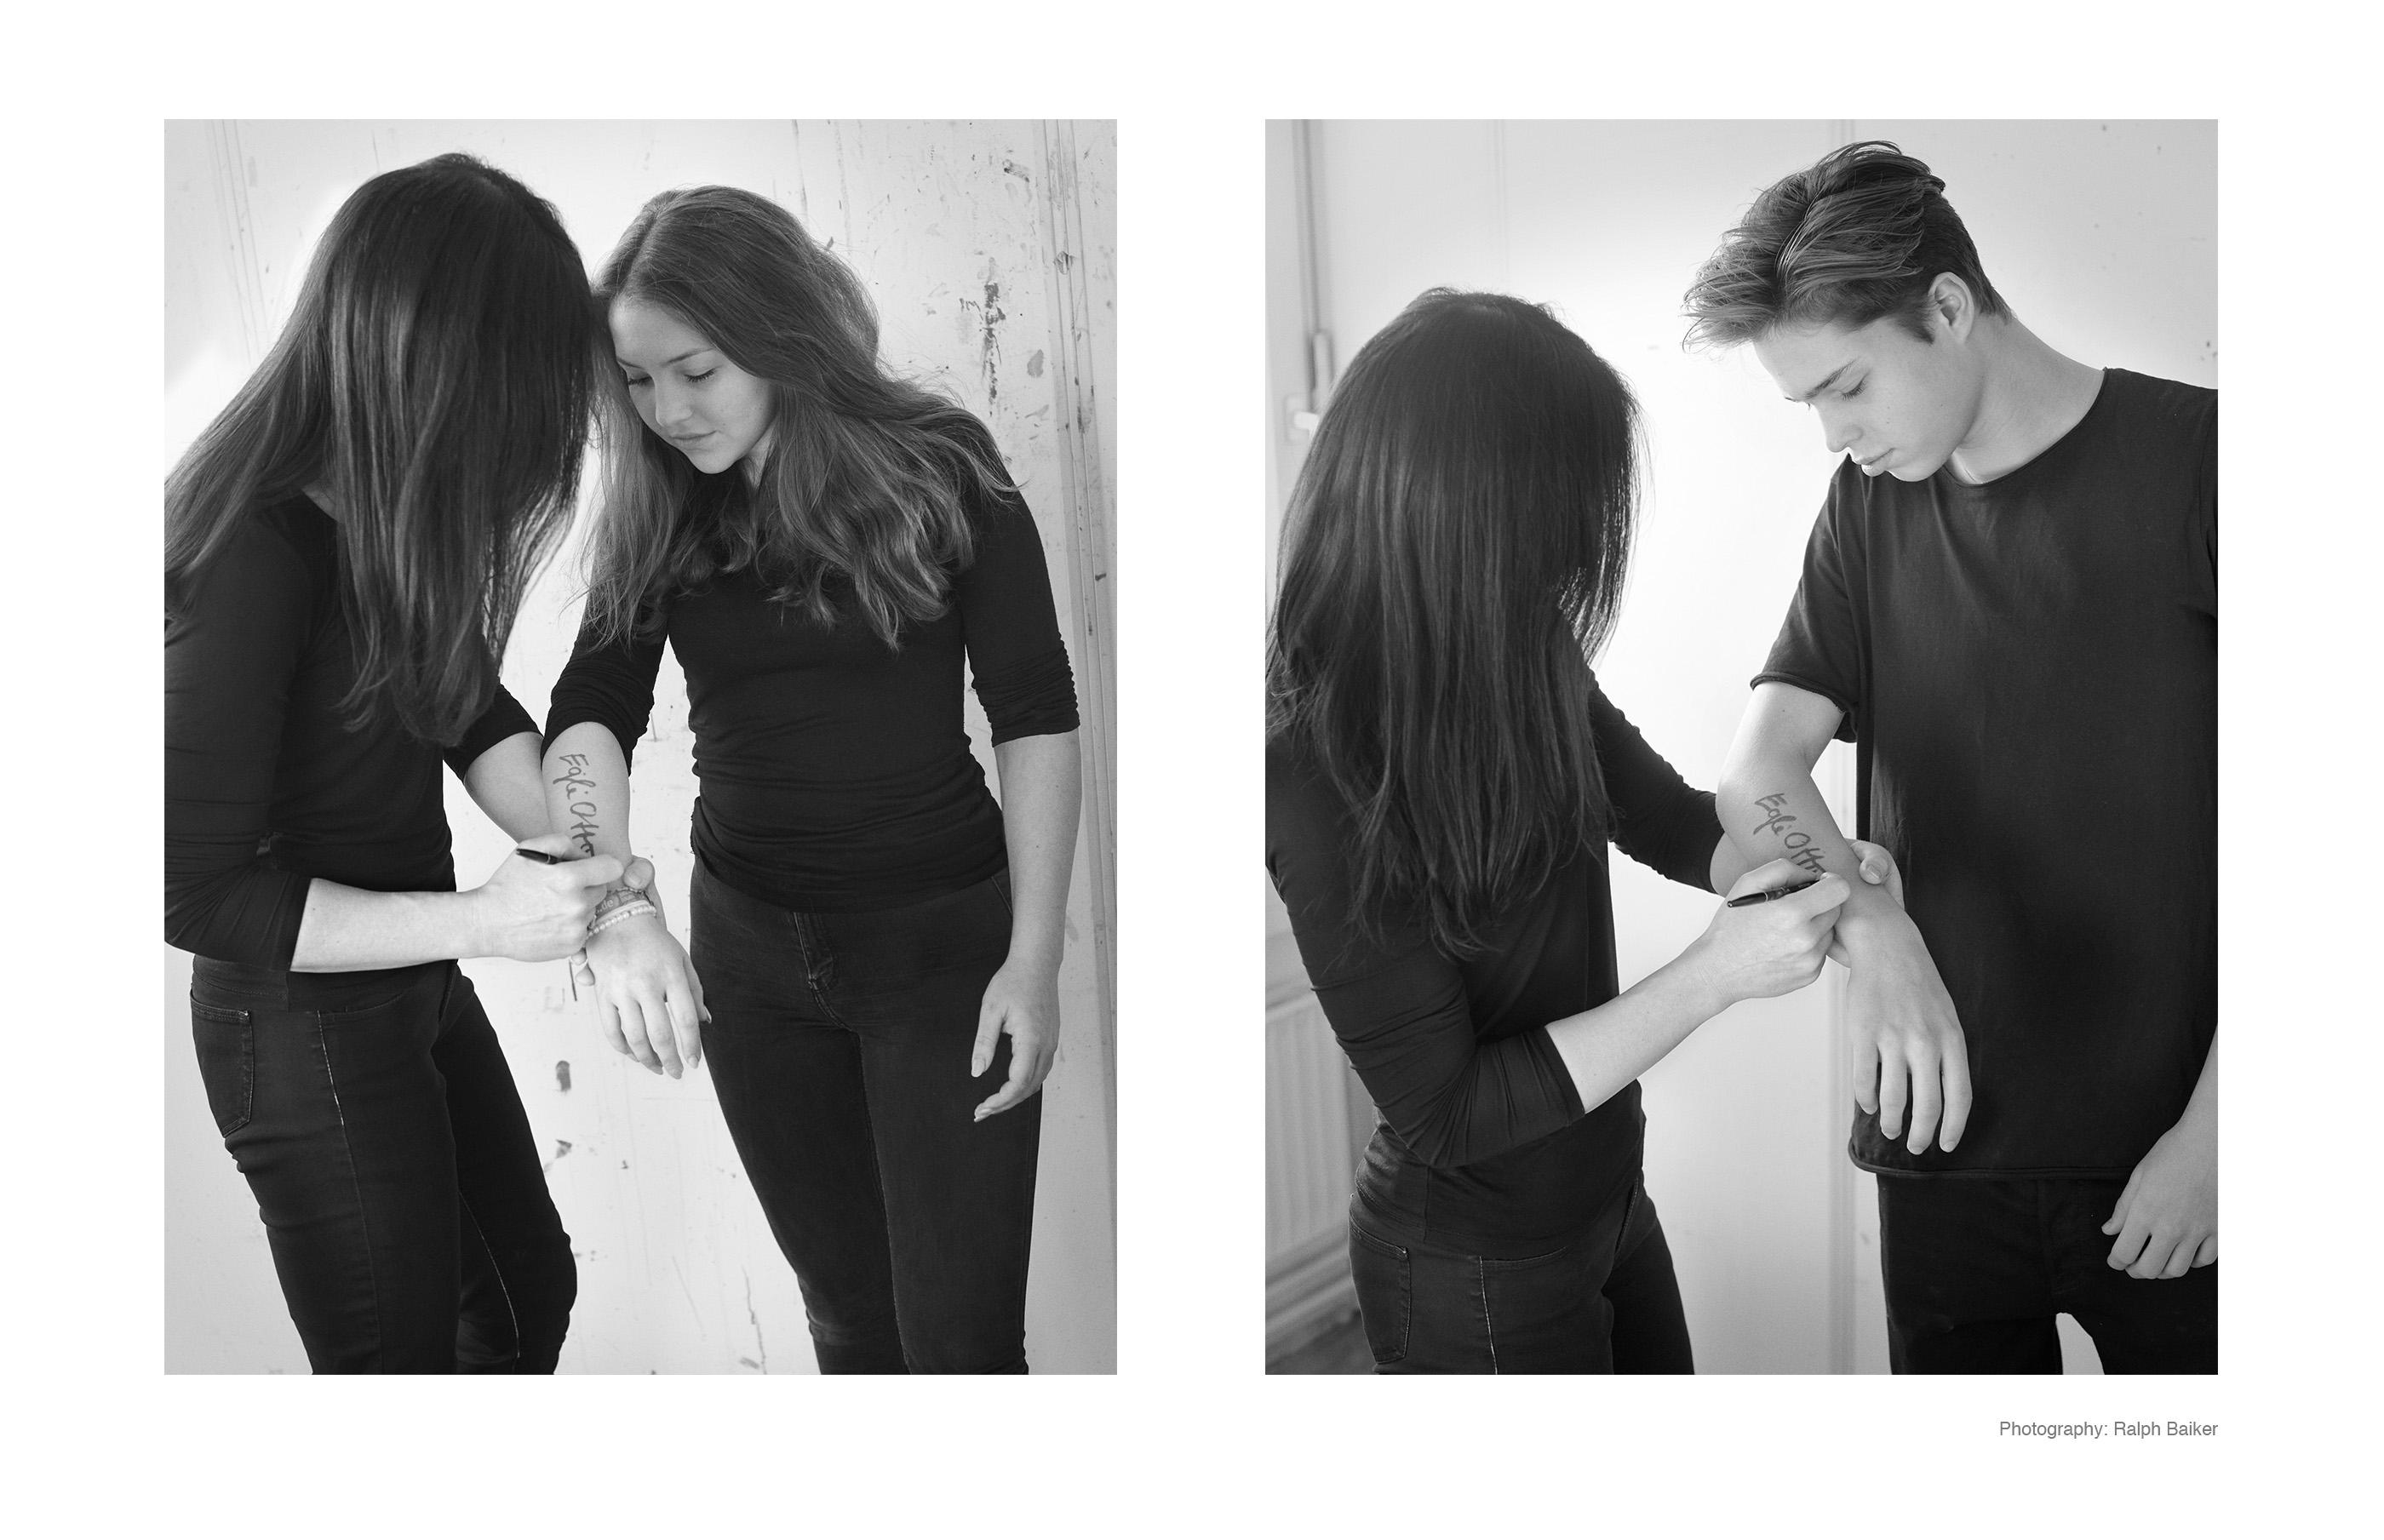 Egle otto, Malerei painting Öl auf Leinwand oil on painting contemporary art contemporary artist Gegenwartskunst Künstlerin female artist female art gender Oil on canvas body signing her kids Signierung kinder unterschreiben